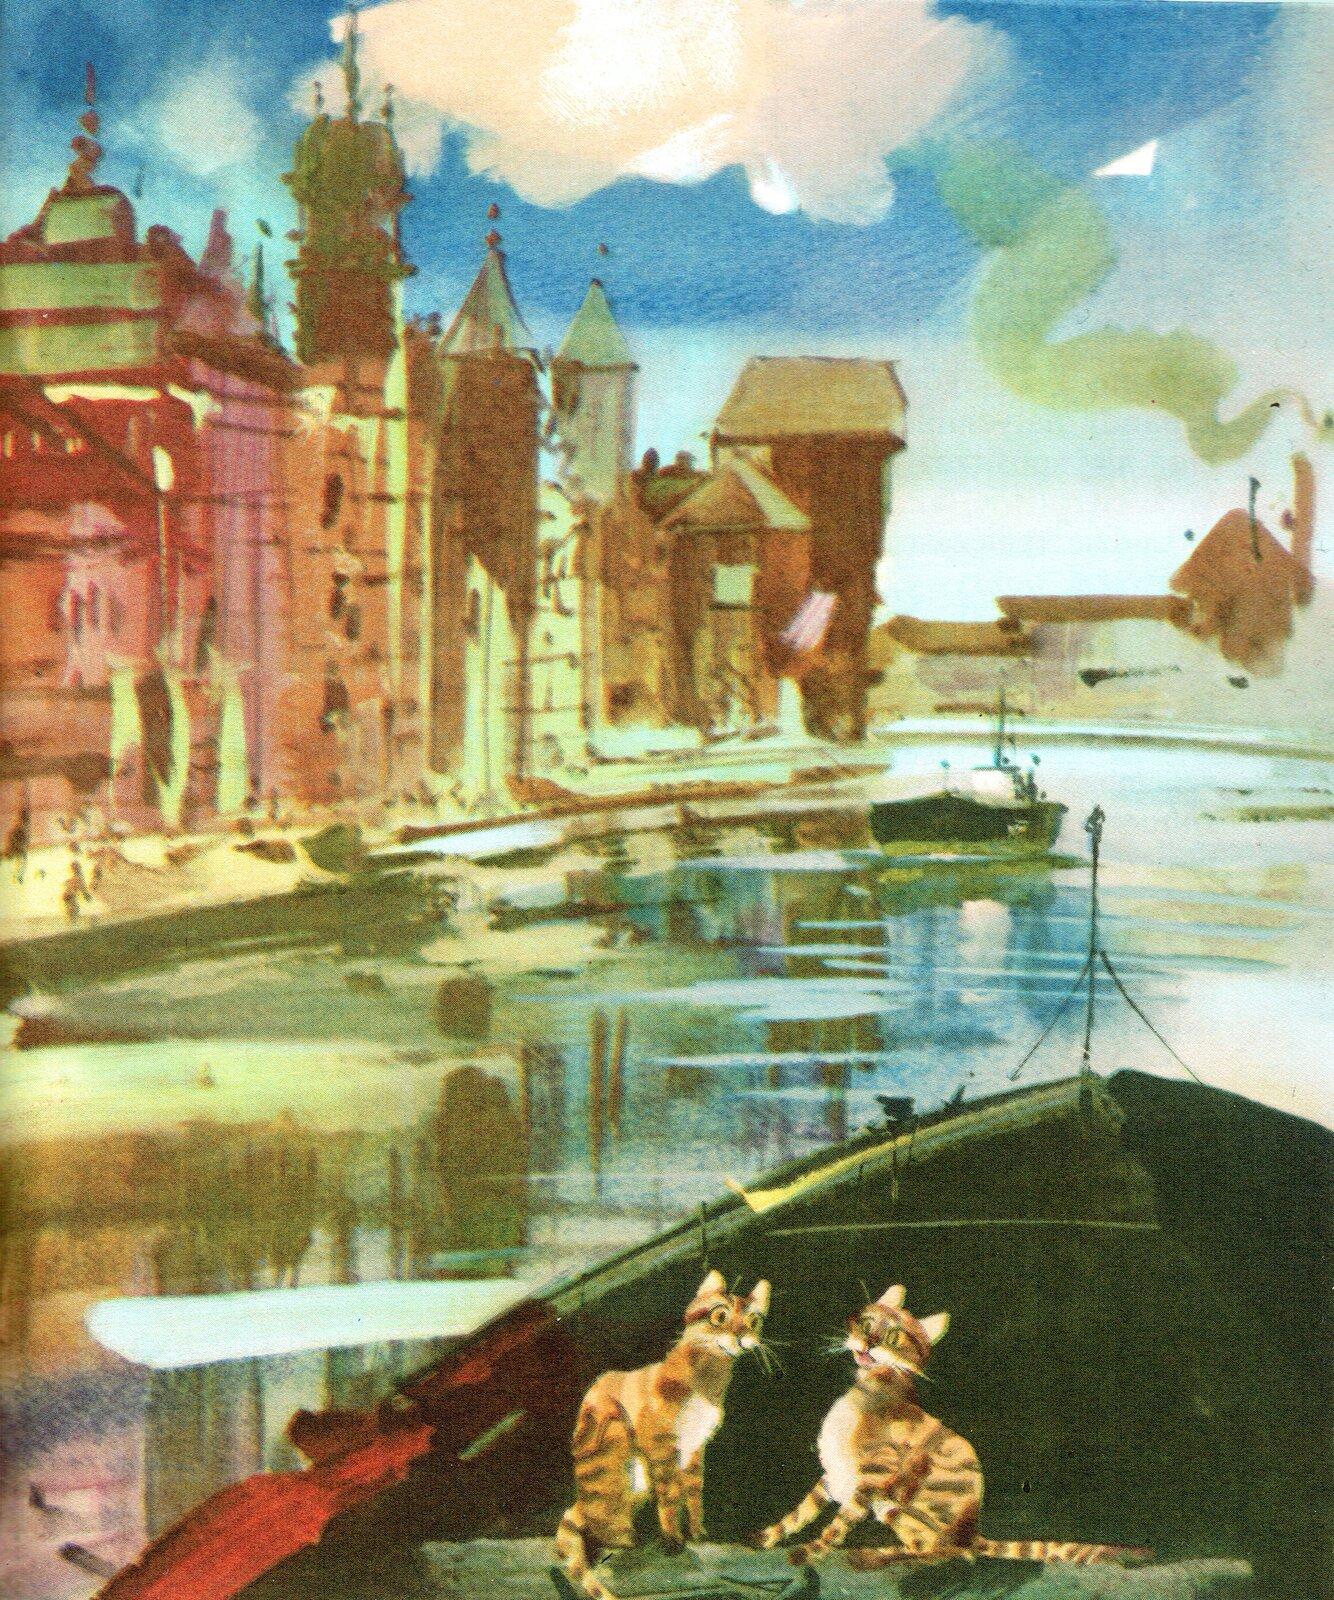 """Ilustracja przedstawia grafikę zksiążki dla dzieci Jana Tettera """"Ryży, Placek itrzynastu zbójców"""", na której znajdują się dwa koty płynące łódką po rzece wmieście. Po lewej stronie widoczne są budynki."""